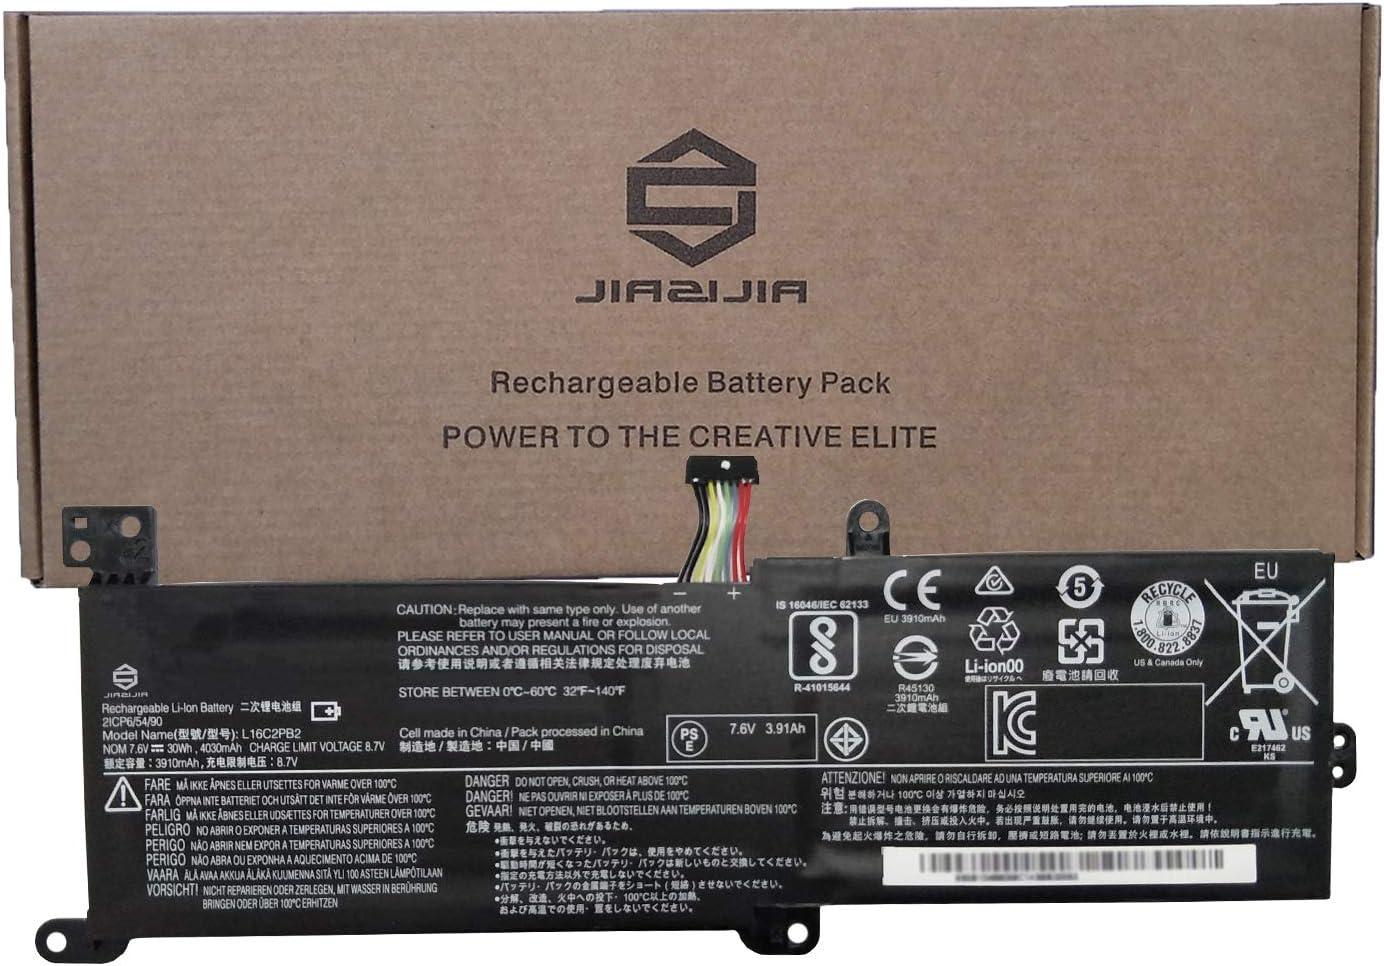 JIAZIJIA L16C2PB2 Laptop Battery Replacement for Lenovo IdeaPad 320-14AST/IAP/IKB/ISK 320-15ABR/AST/IAP/IKB Series L16L2PB1 L16L2PB2 L16L2PB3 L16S2PB1 L16C2PB1 L16M2PB1 L16M2PB2 L16M2PB3 7.6V 30Wh